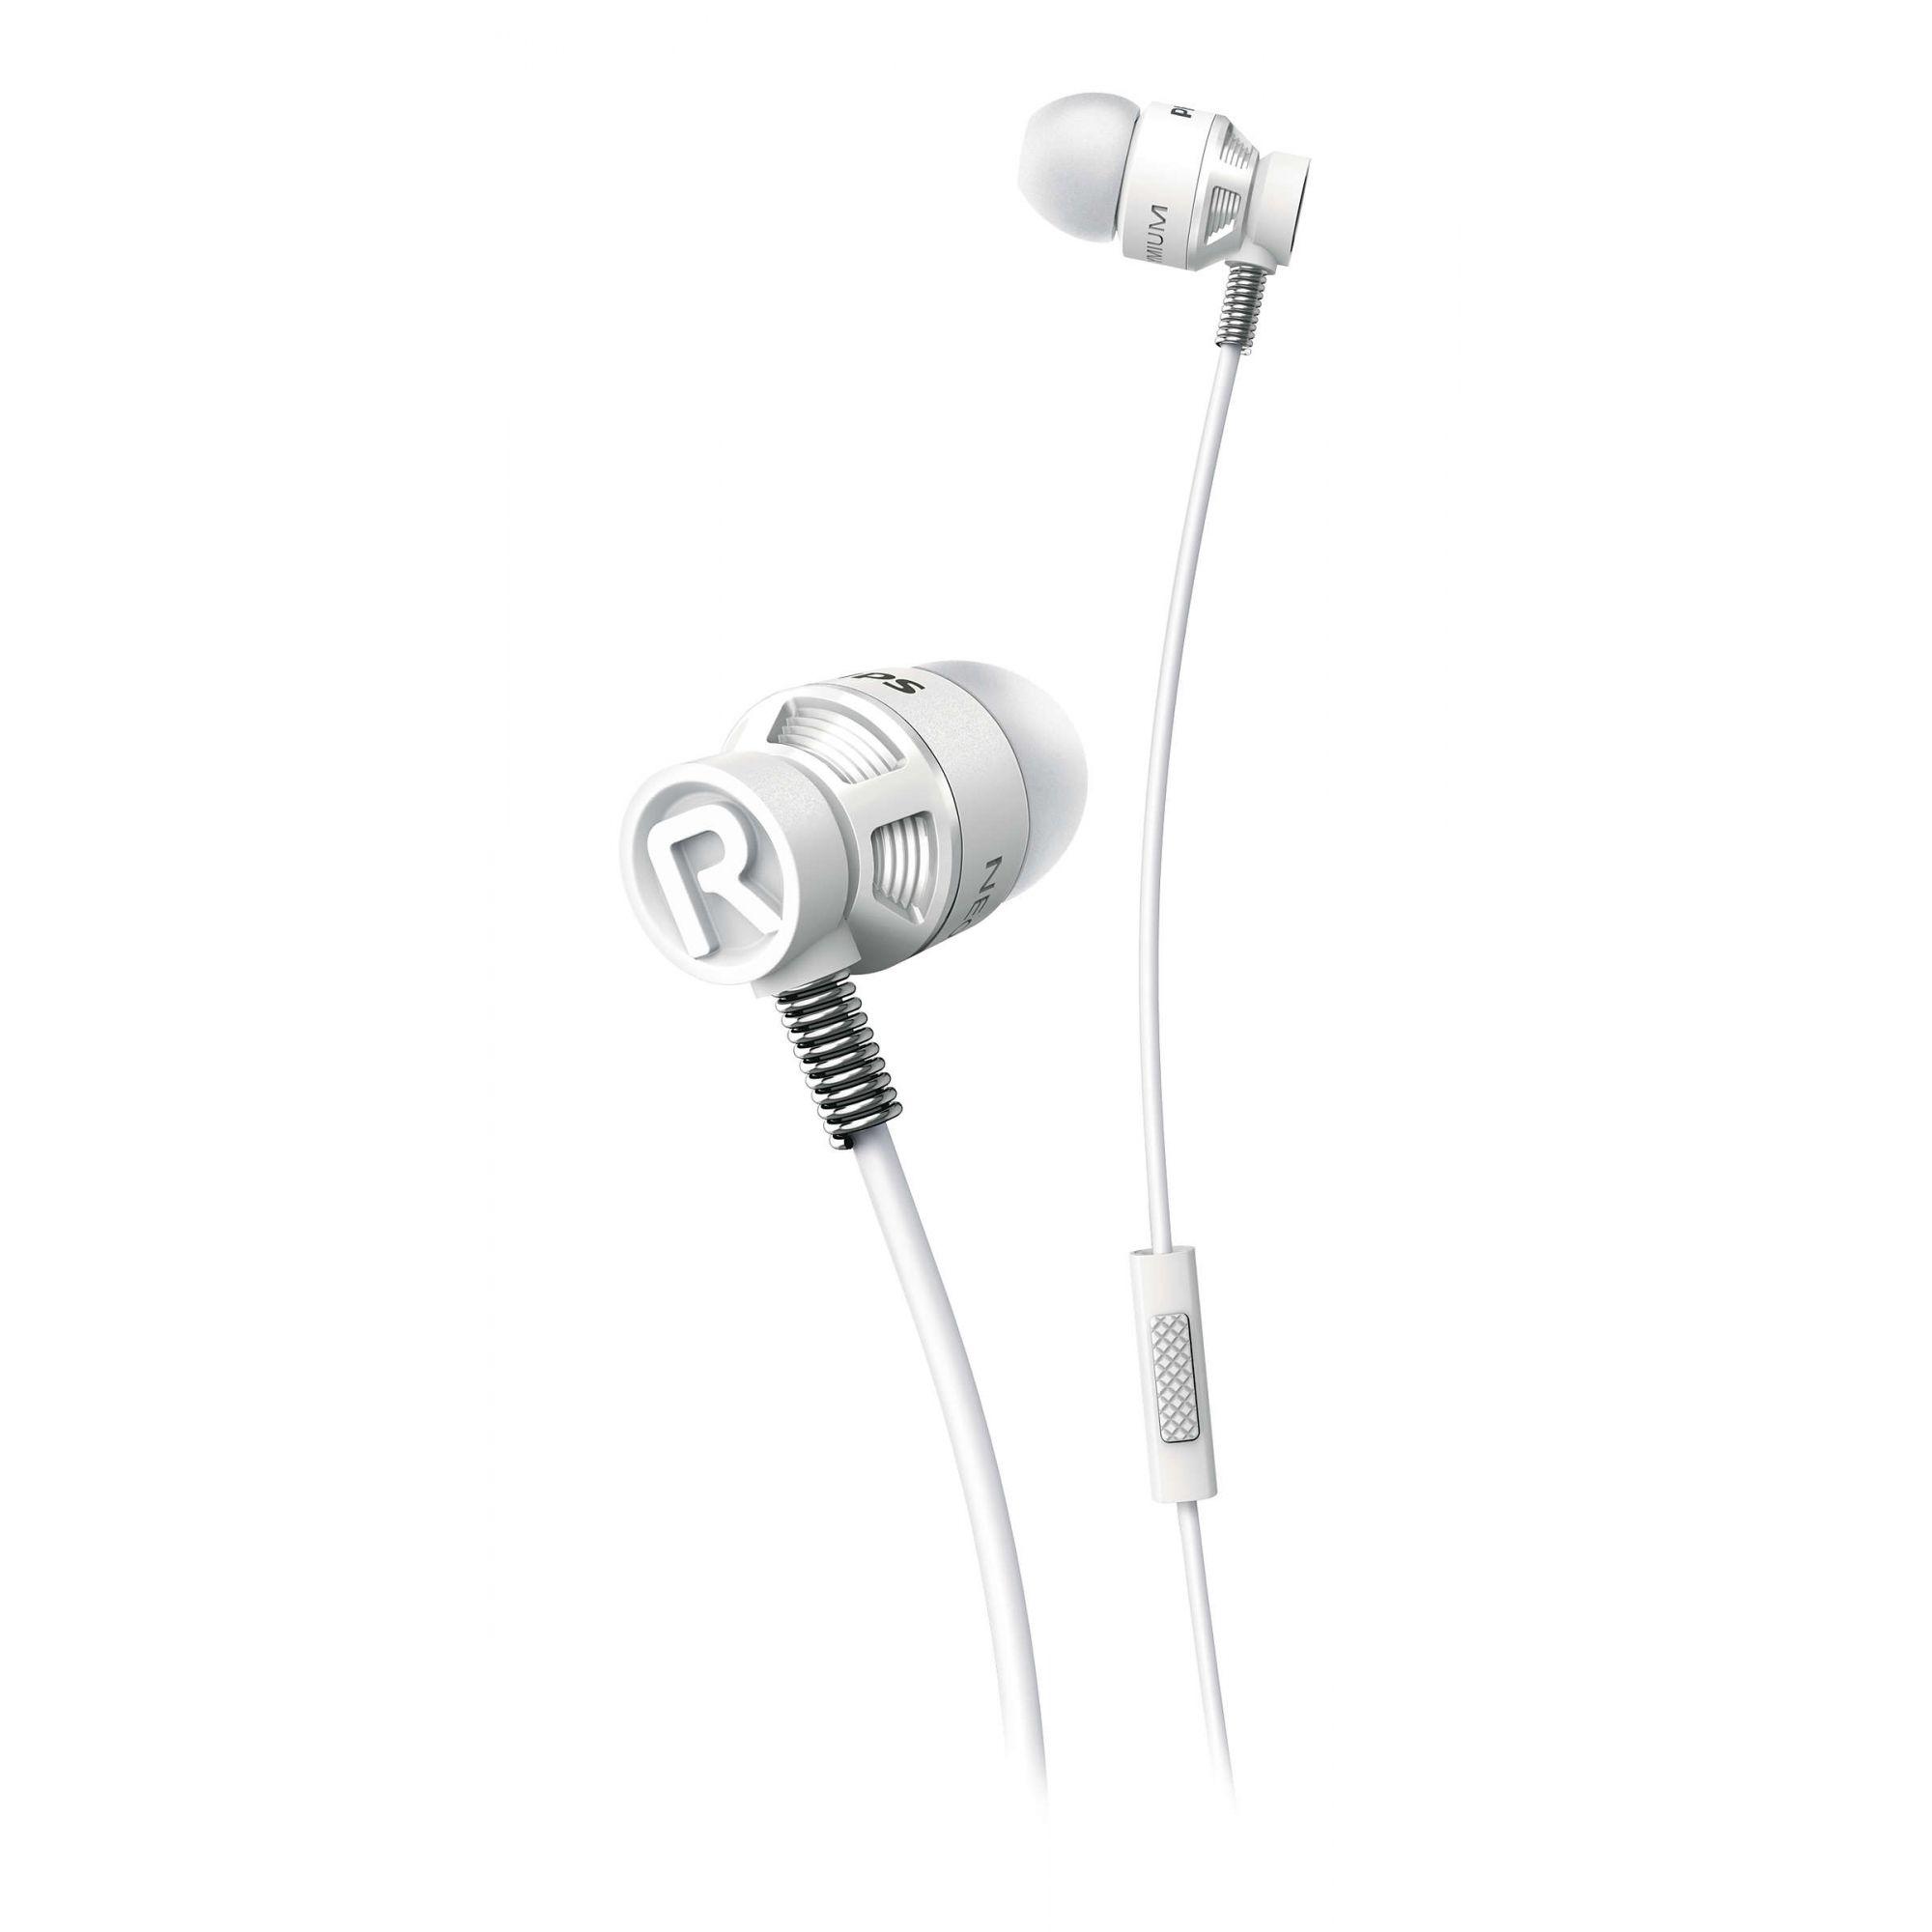 Fone de Ouvido com Microfone Philips SHE5205 Branco